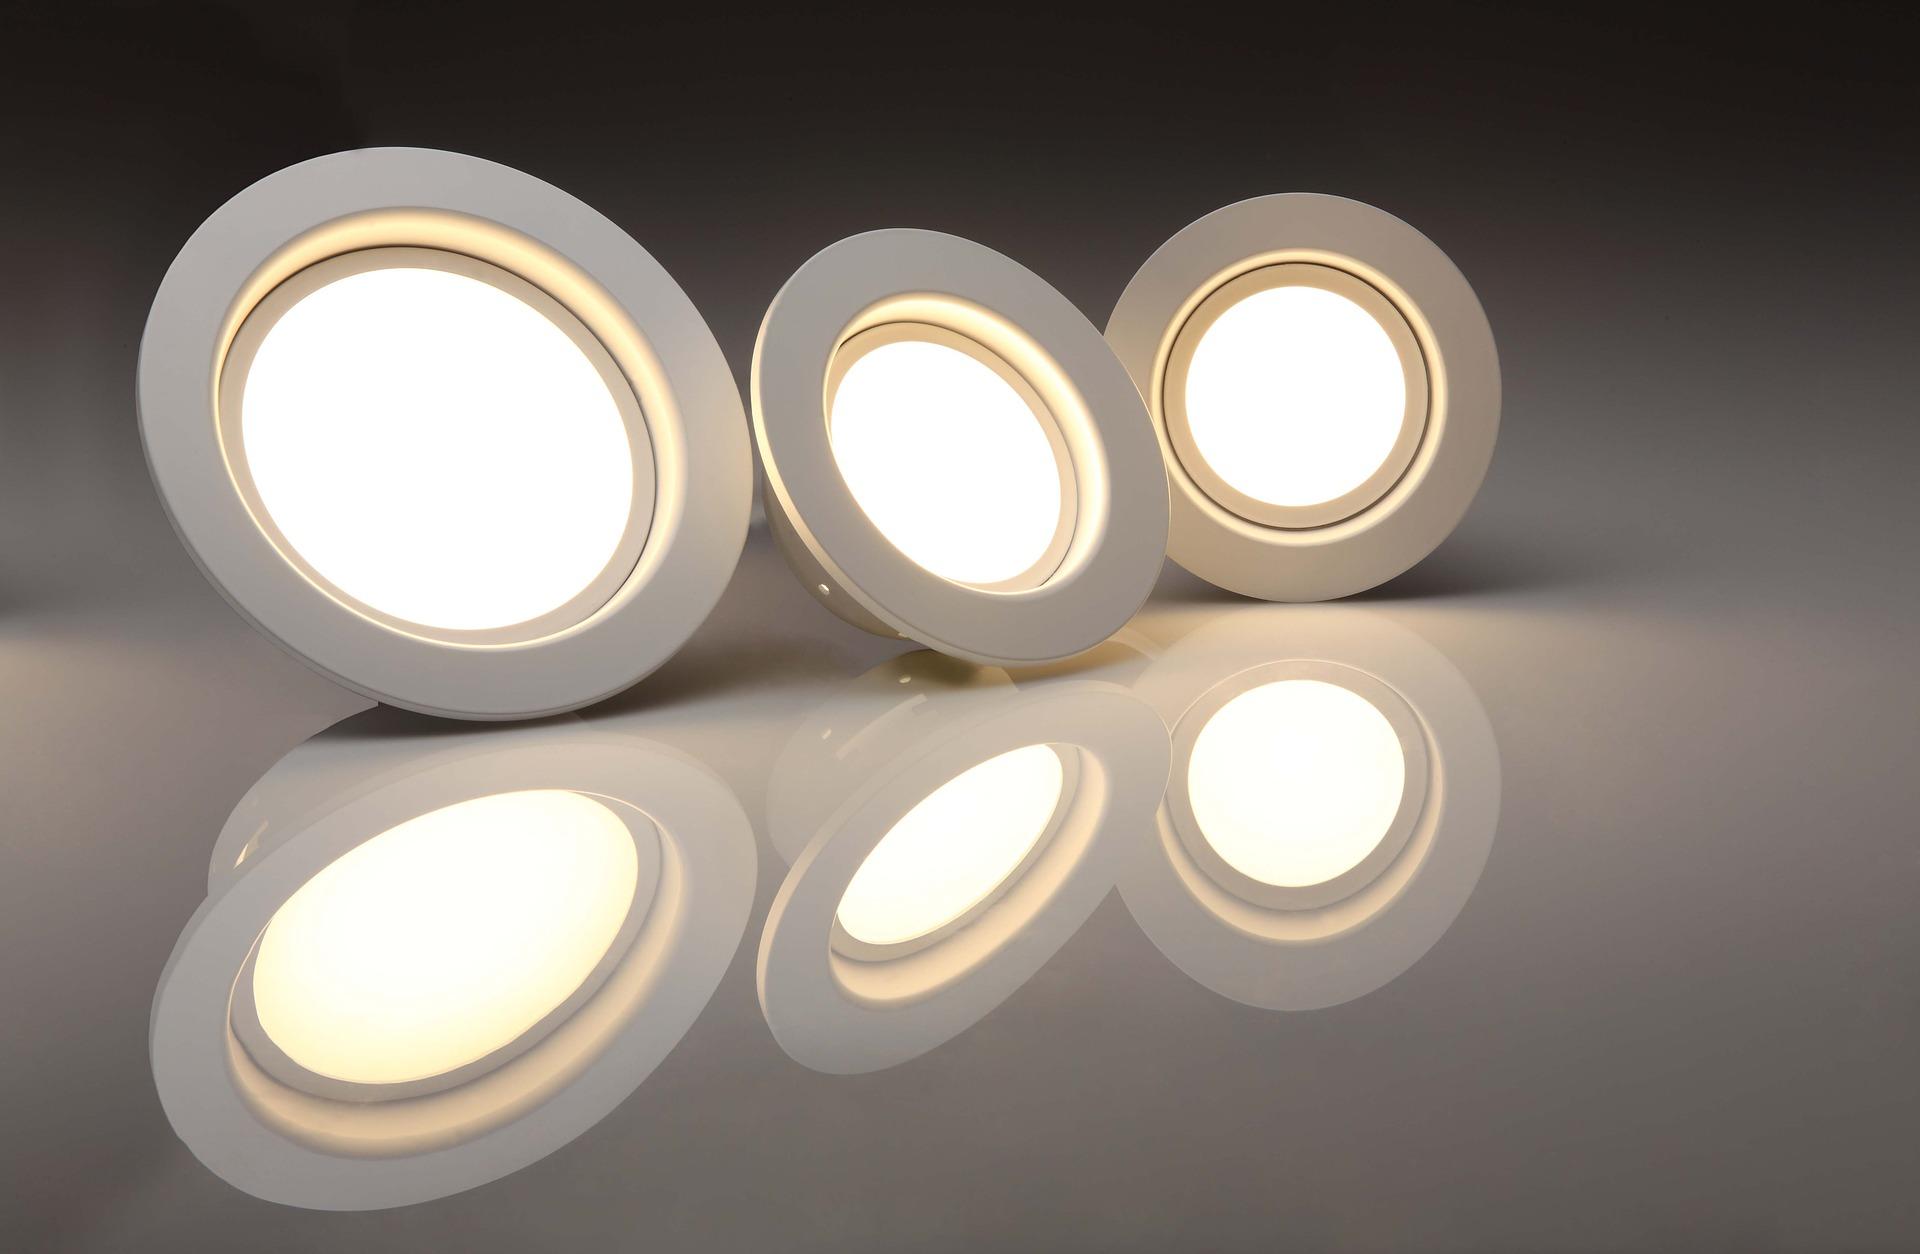 LED-Commercial-Lighting.jpg